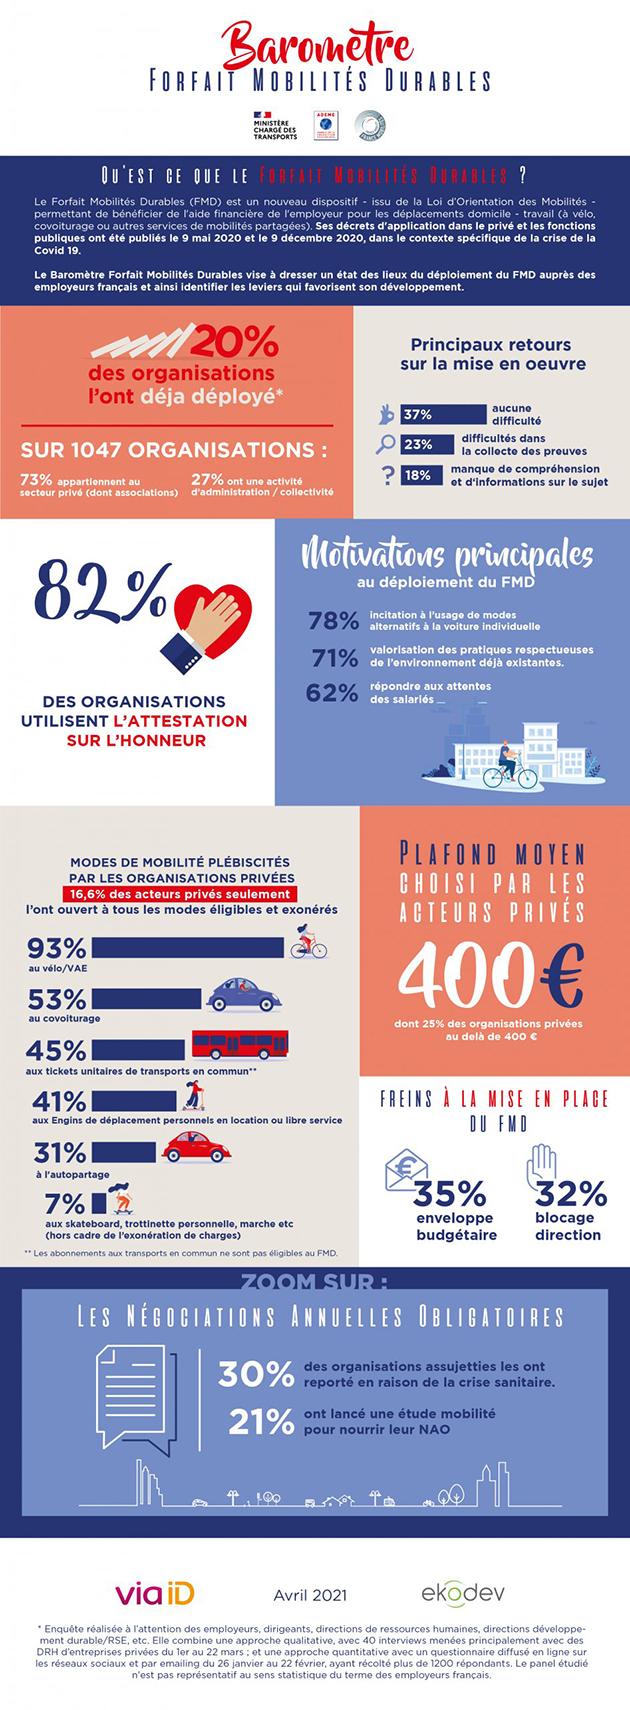 Forfait mobilités durables : 20 % des employeurs l'ont mis en place